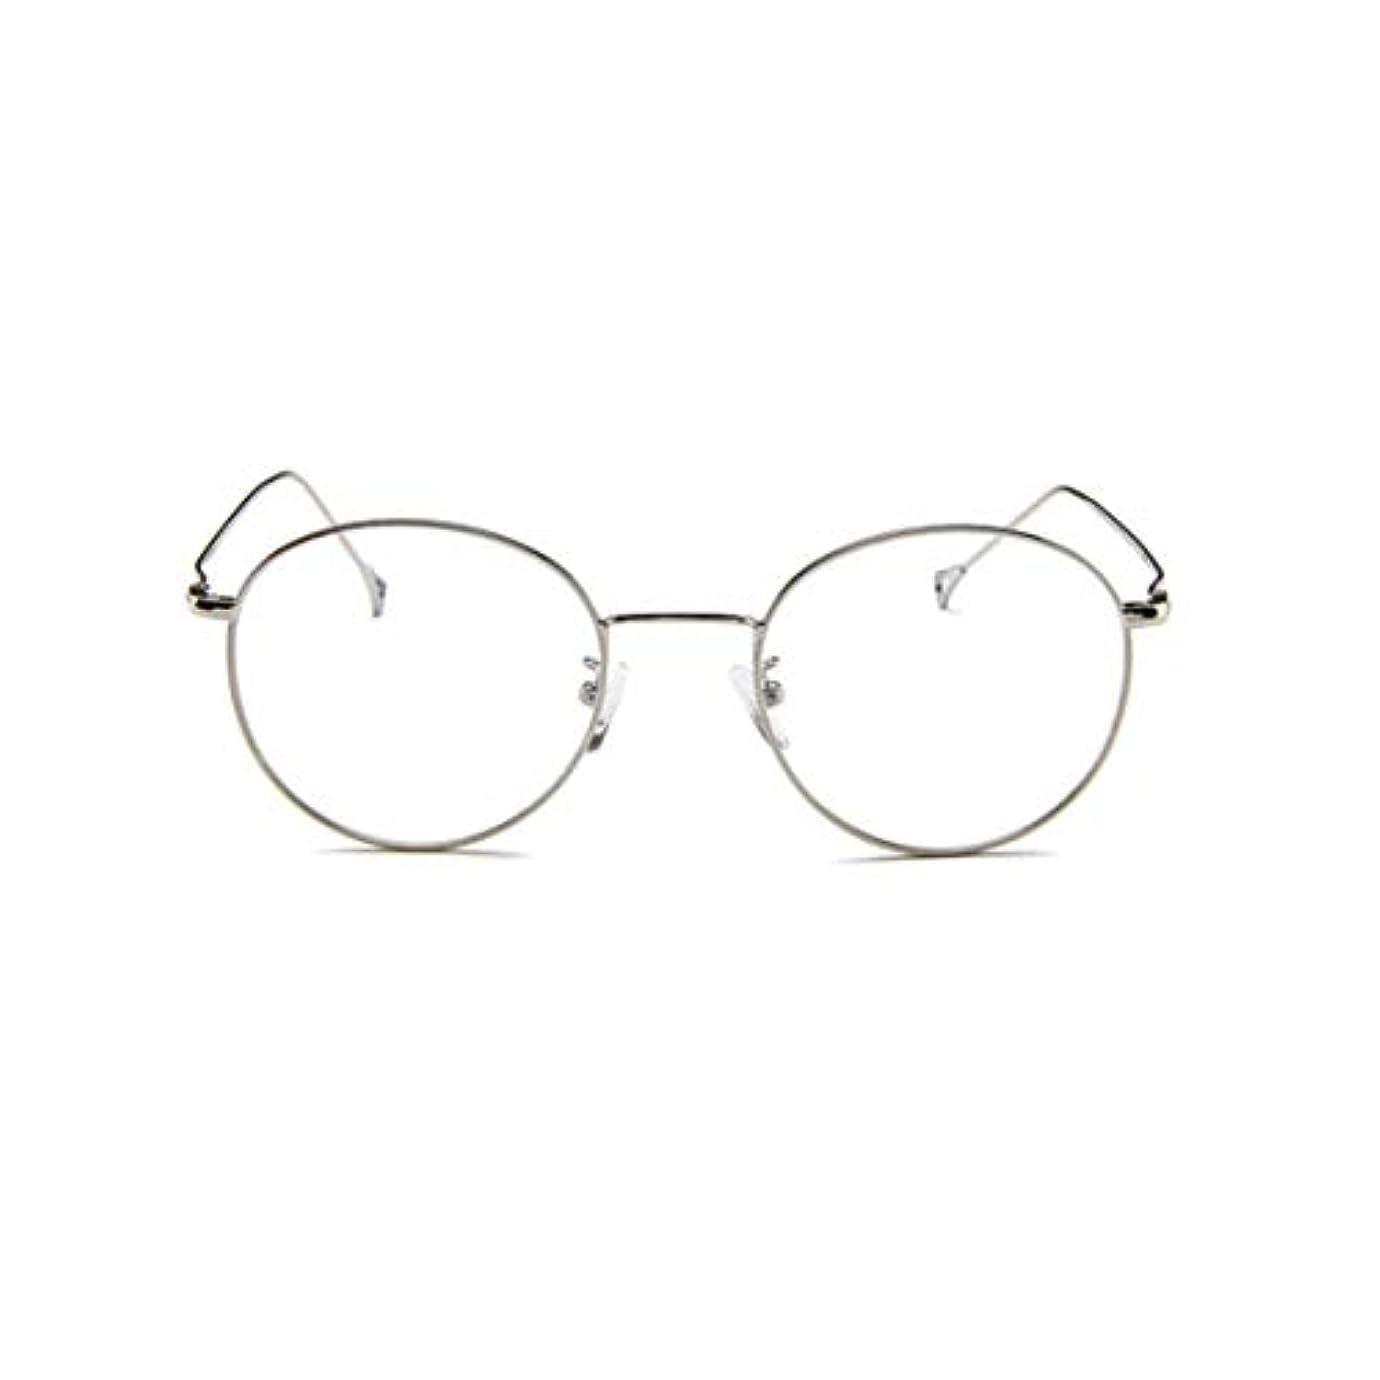 バドミントン侵略大韓国のメガネフレームの男性と女性のレトロフラットメガネメタルトレンディメガネファッション近視メガネフレーム-スライバー